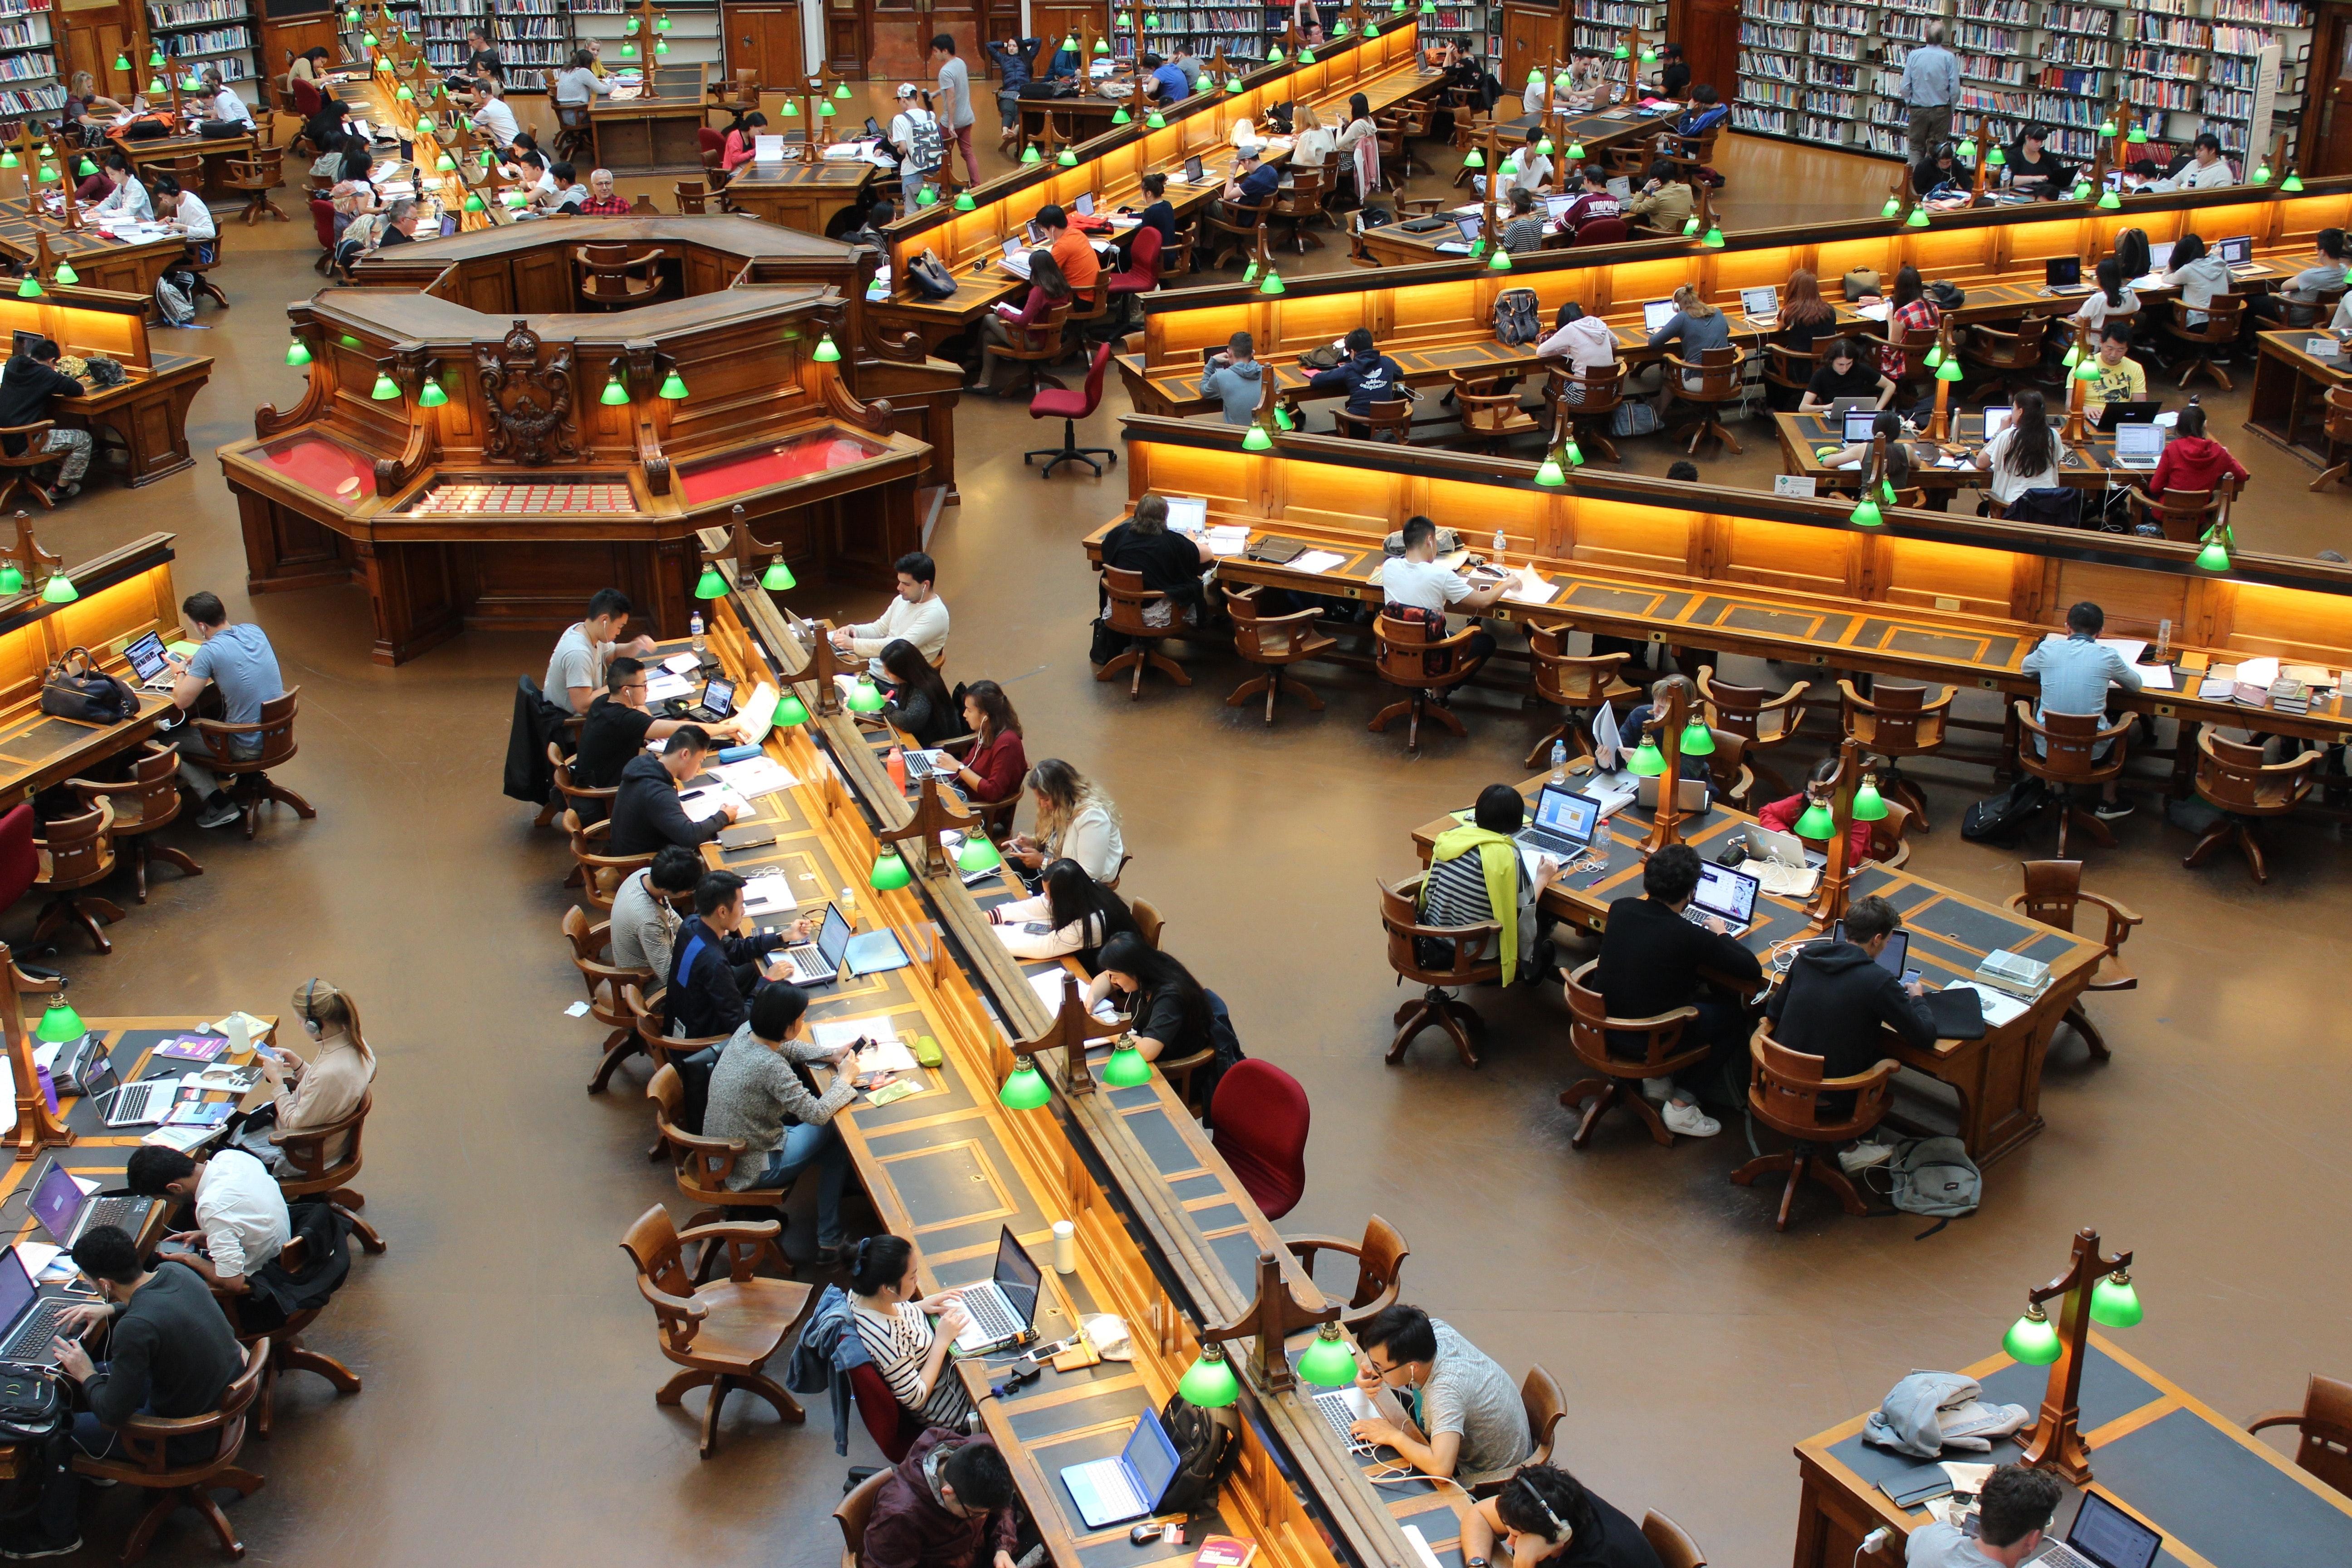 adult-books-campus-159775